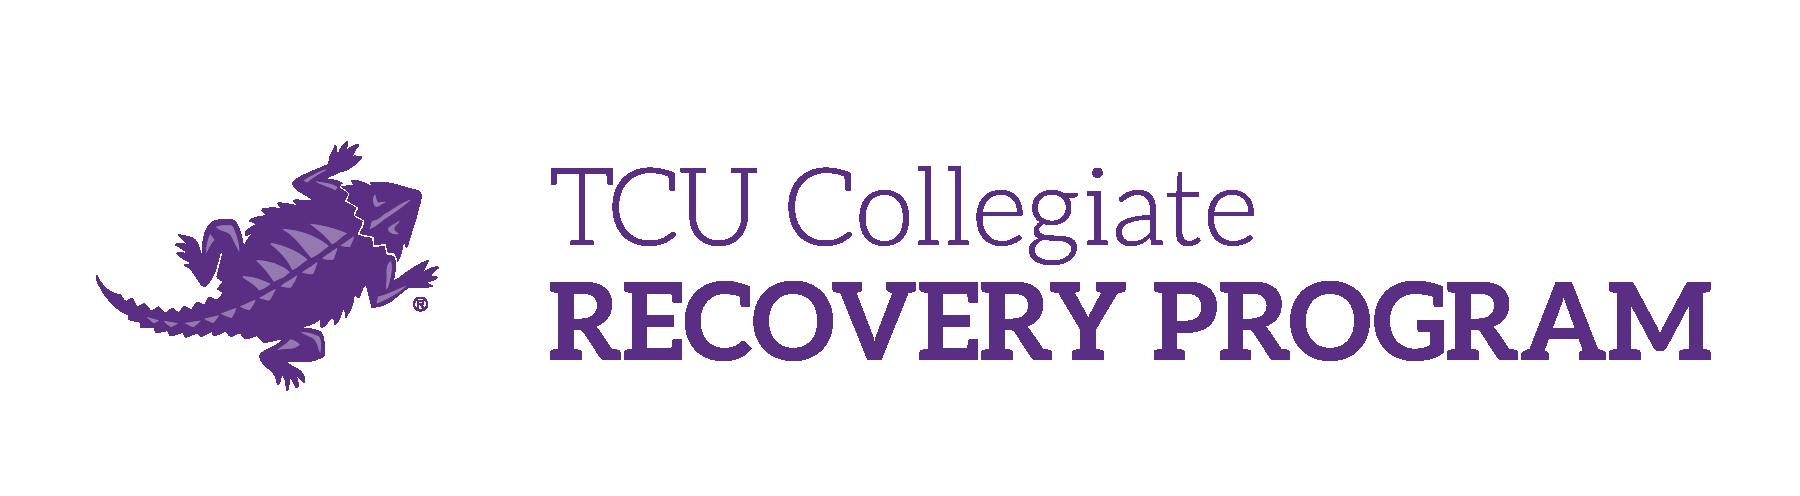 TCU Collegiate Recovery Program